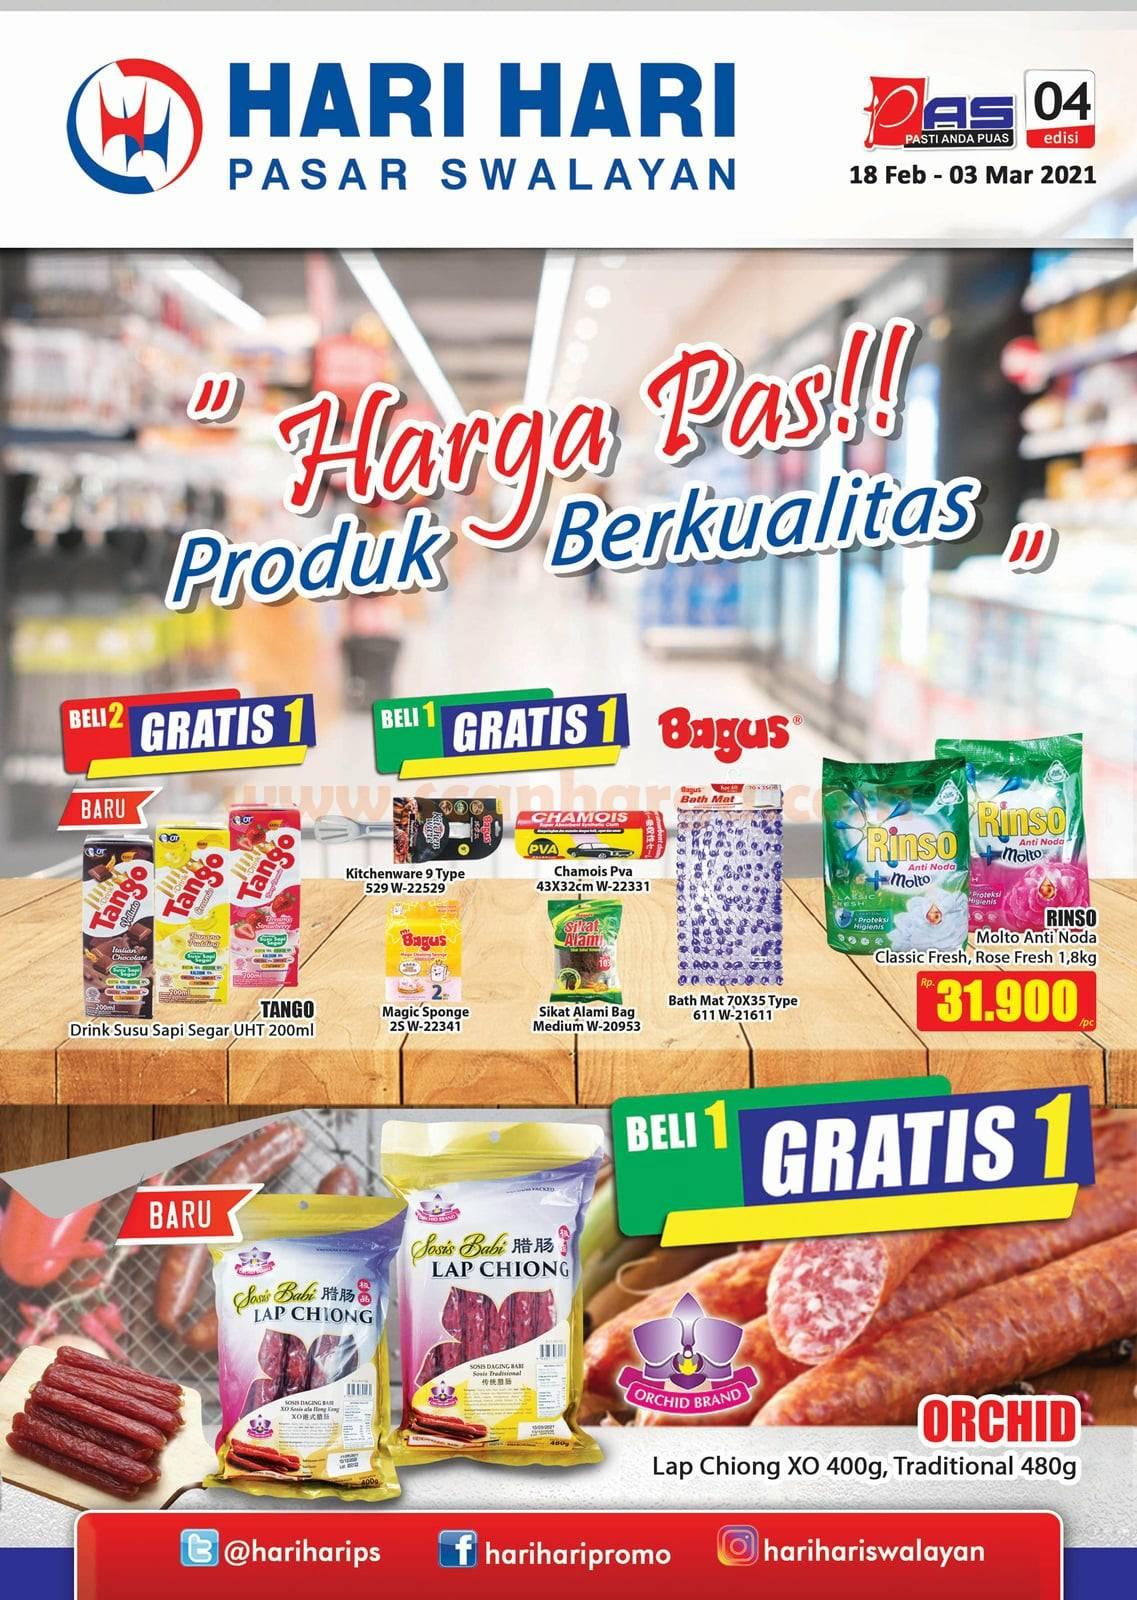 Katalog Promo Hari Hari Pasar Swalayan 18 Februari - 3 Maret 2021 1